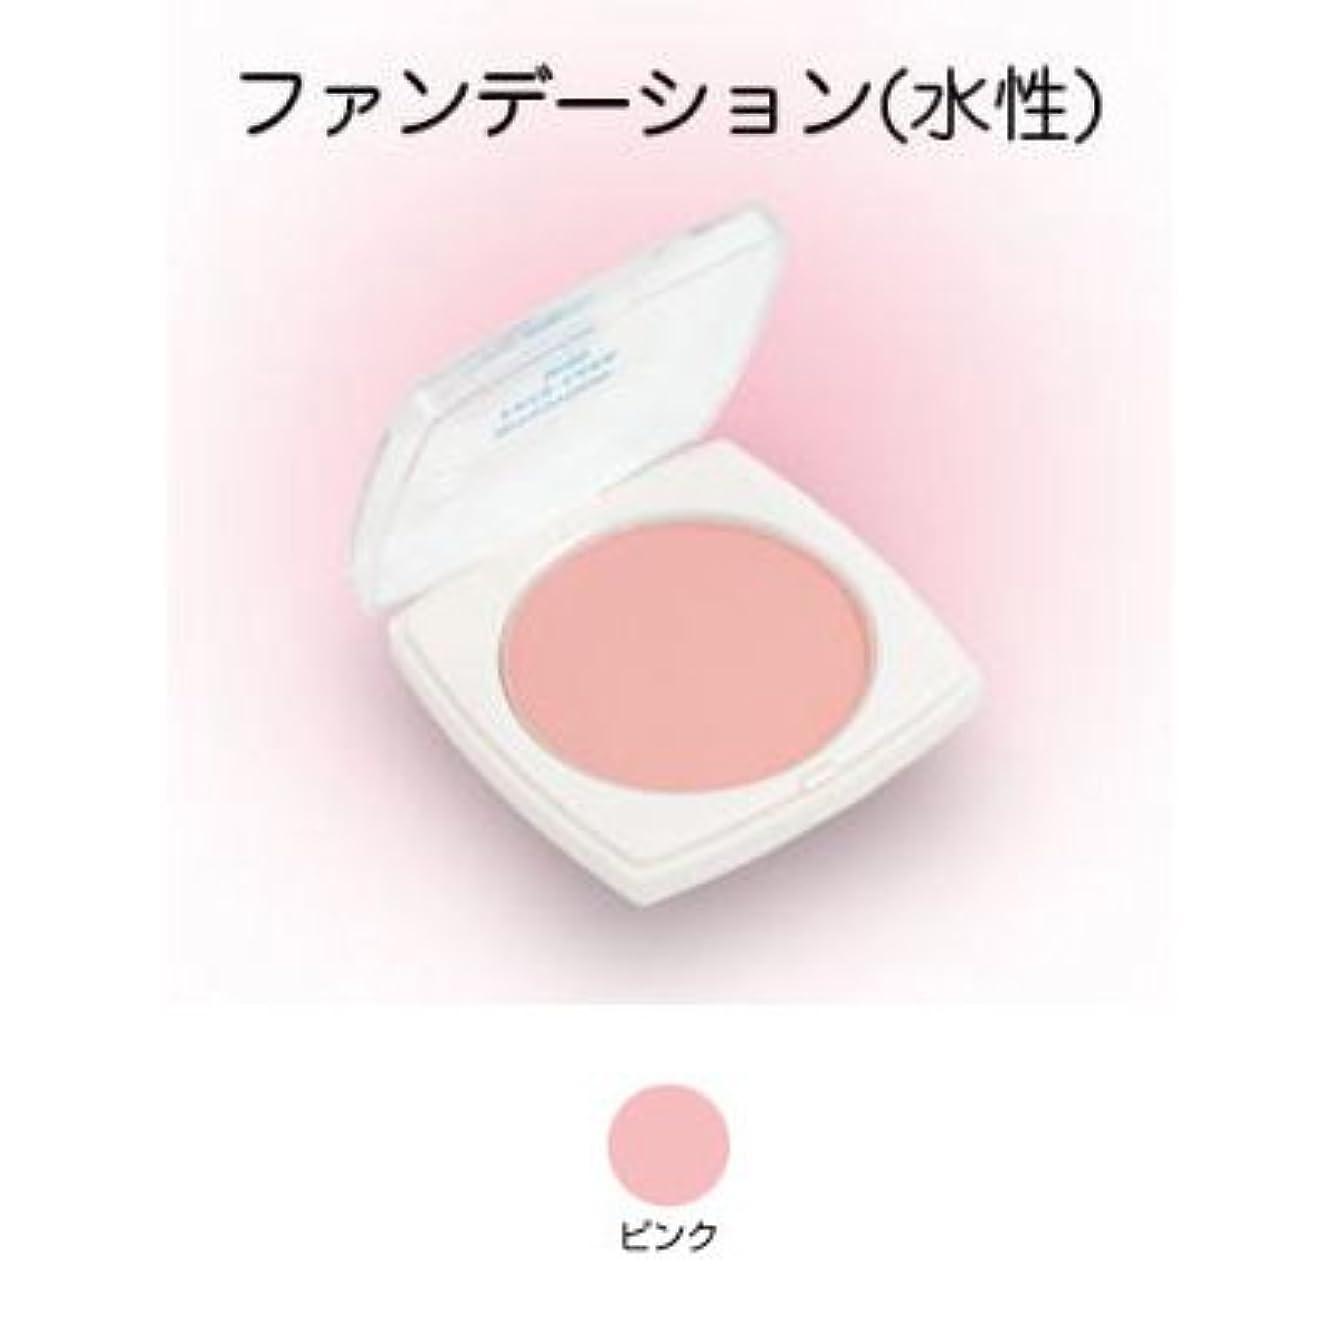 プラスチック指定する実際にフェースケーキ ミニ 17g ピンク 【三善】